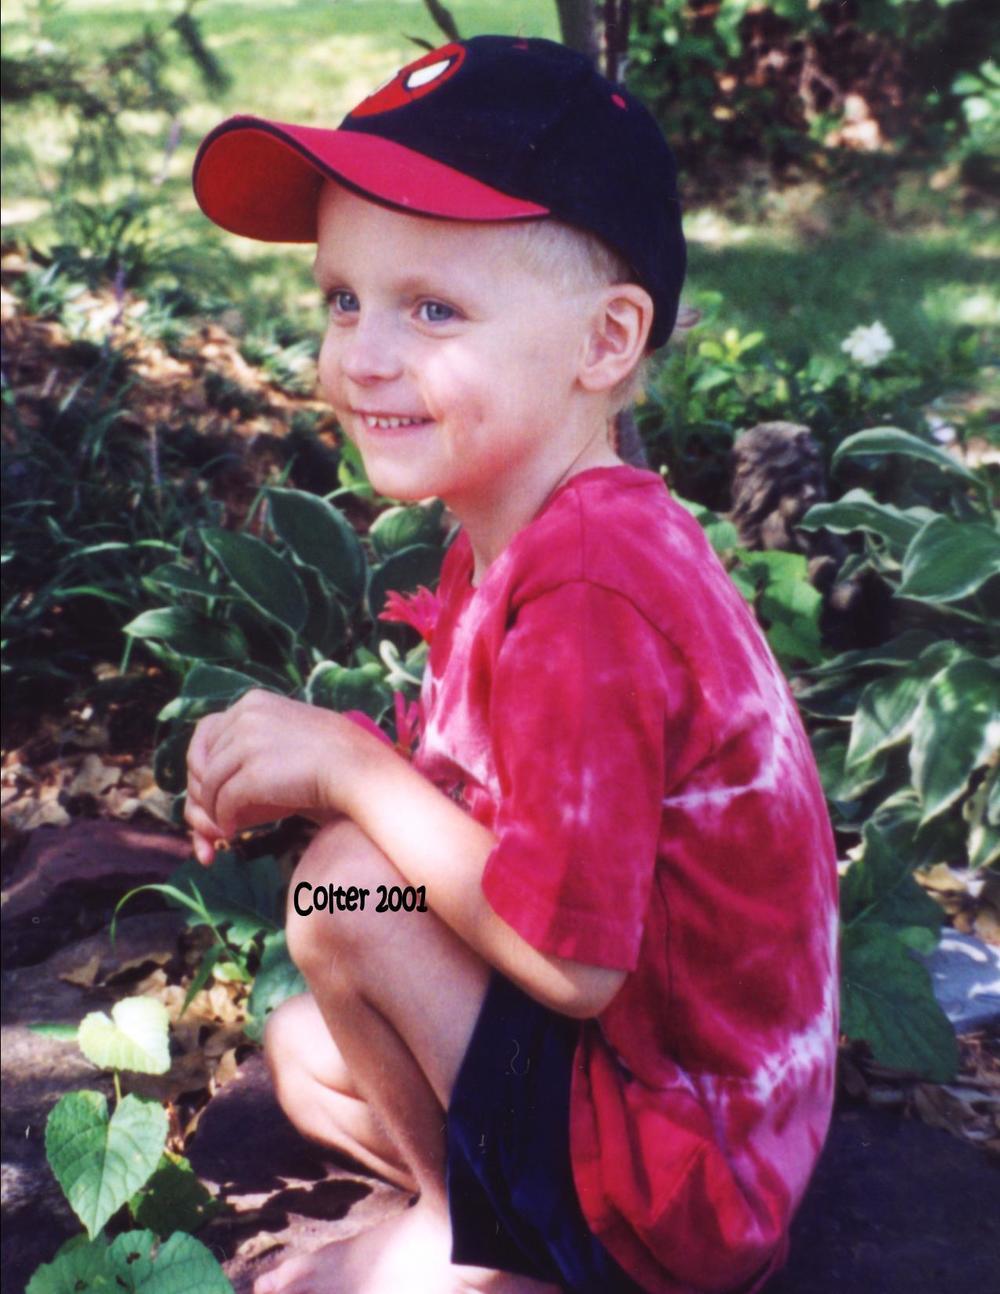 Colter Donovan Eaton, 2001